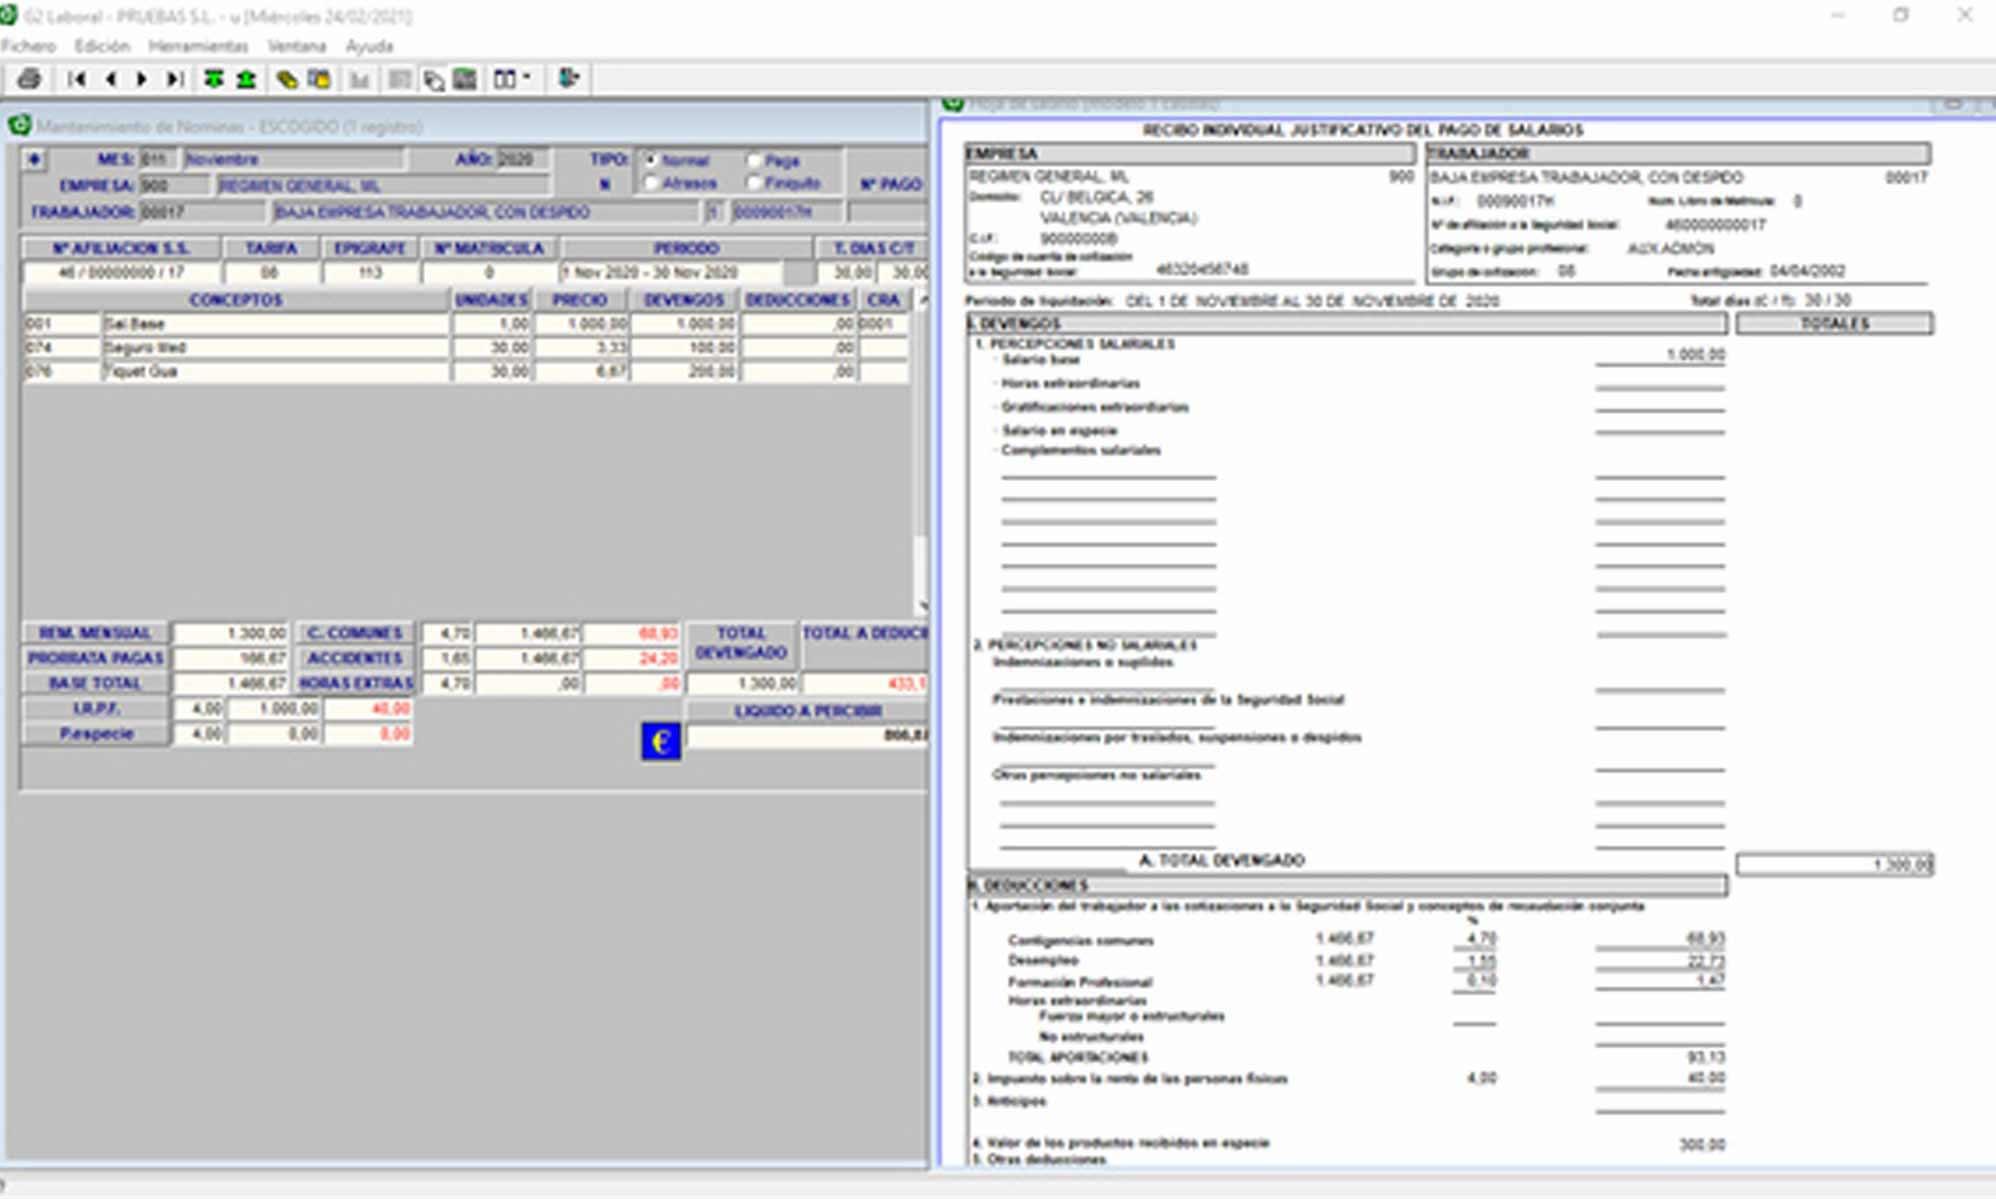 Gestión de nóminas y salarios con el software ETT agricultura 2